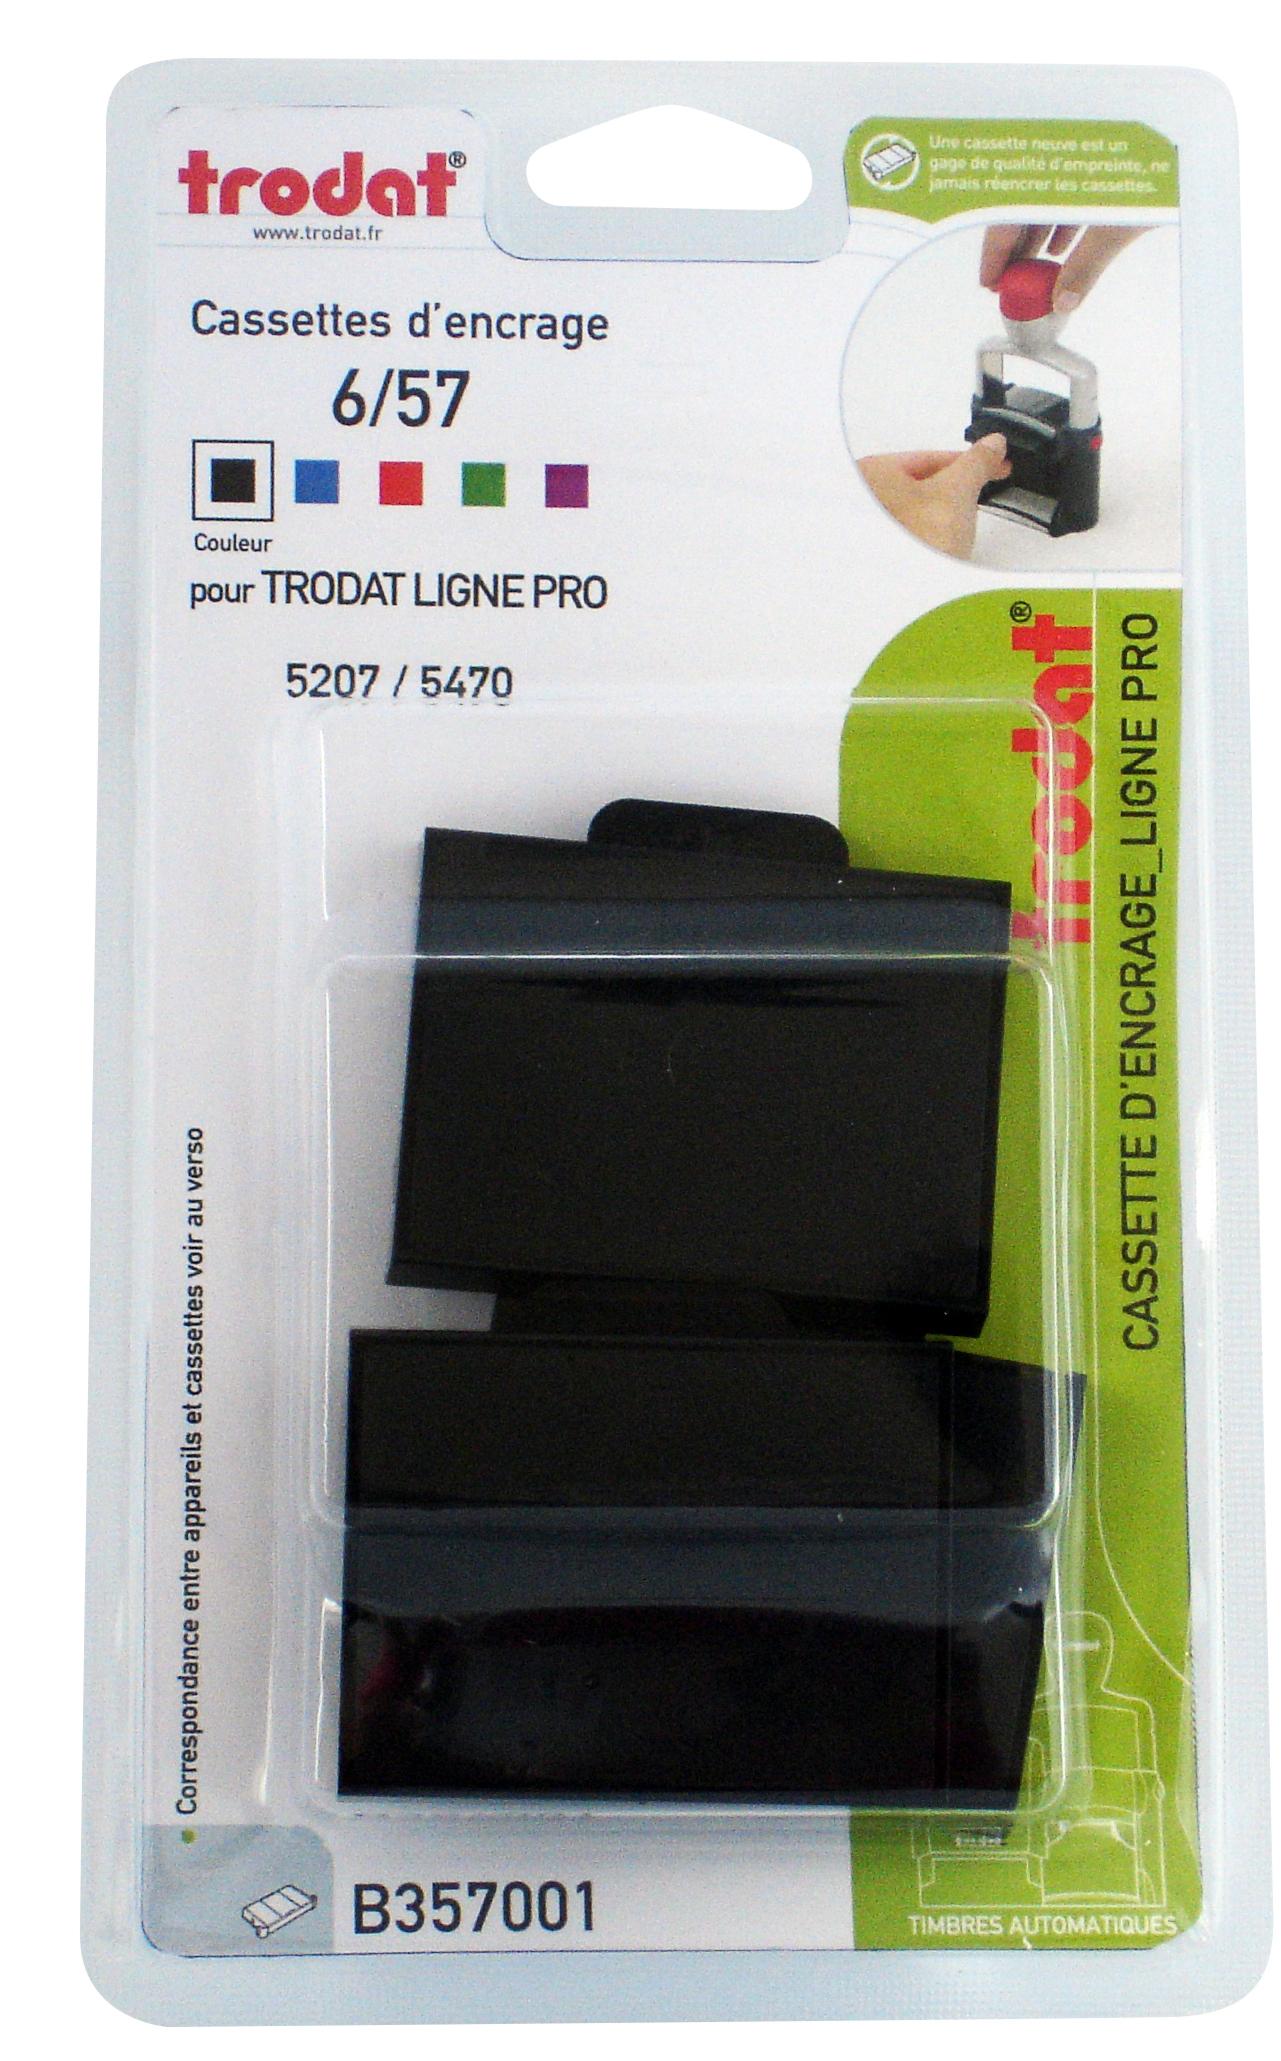 Trodat - 3 Encriers 6/57 recharges pour tampon 5207/5470 - noir